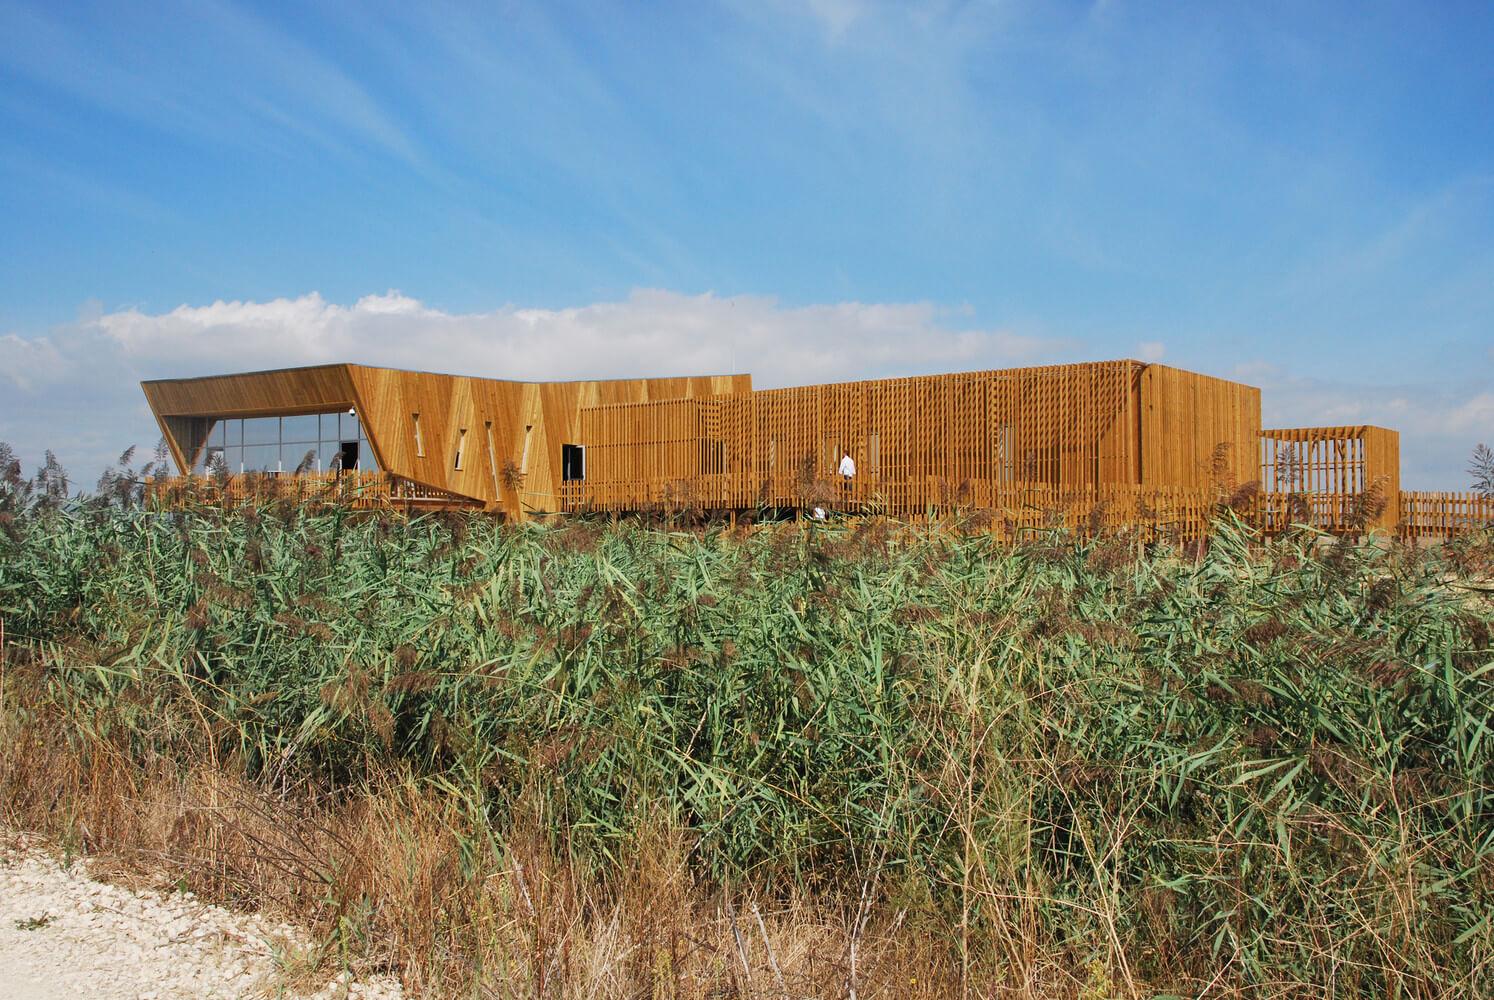 Centro de Interpretação Ambiental Evoa